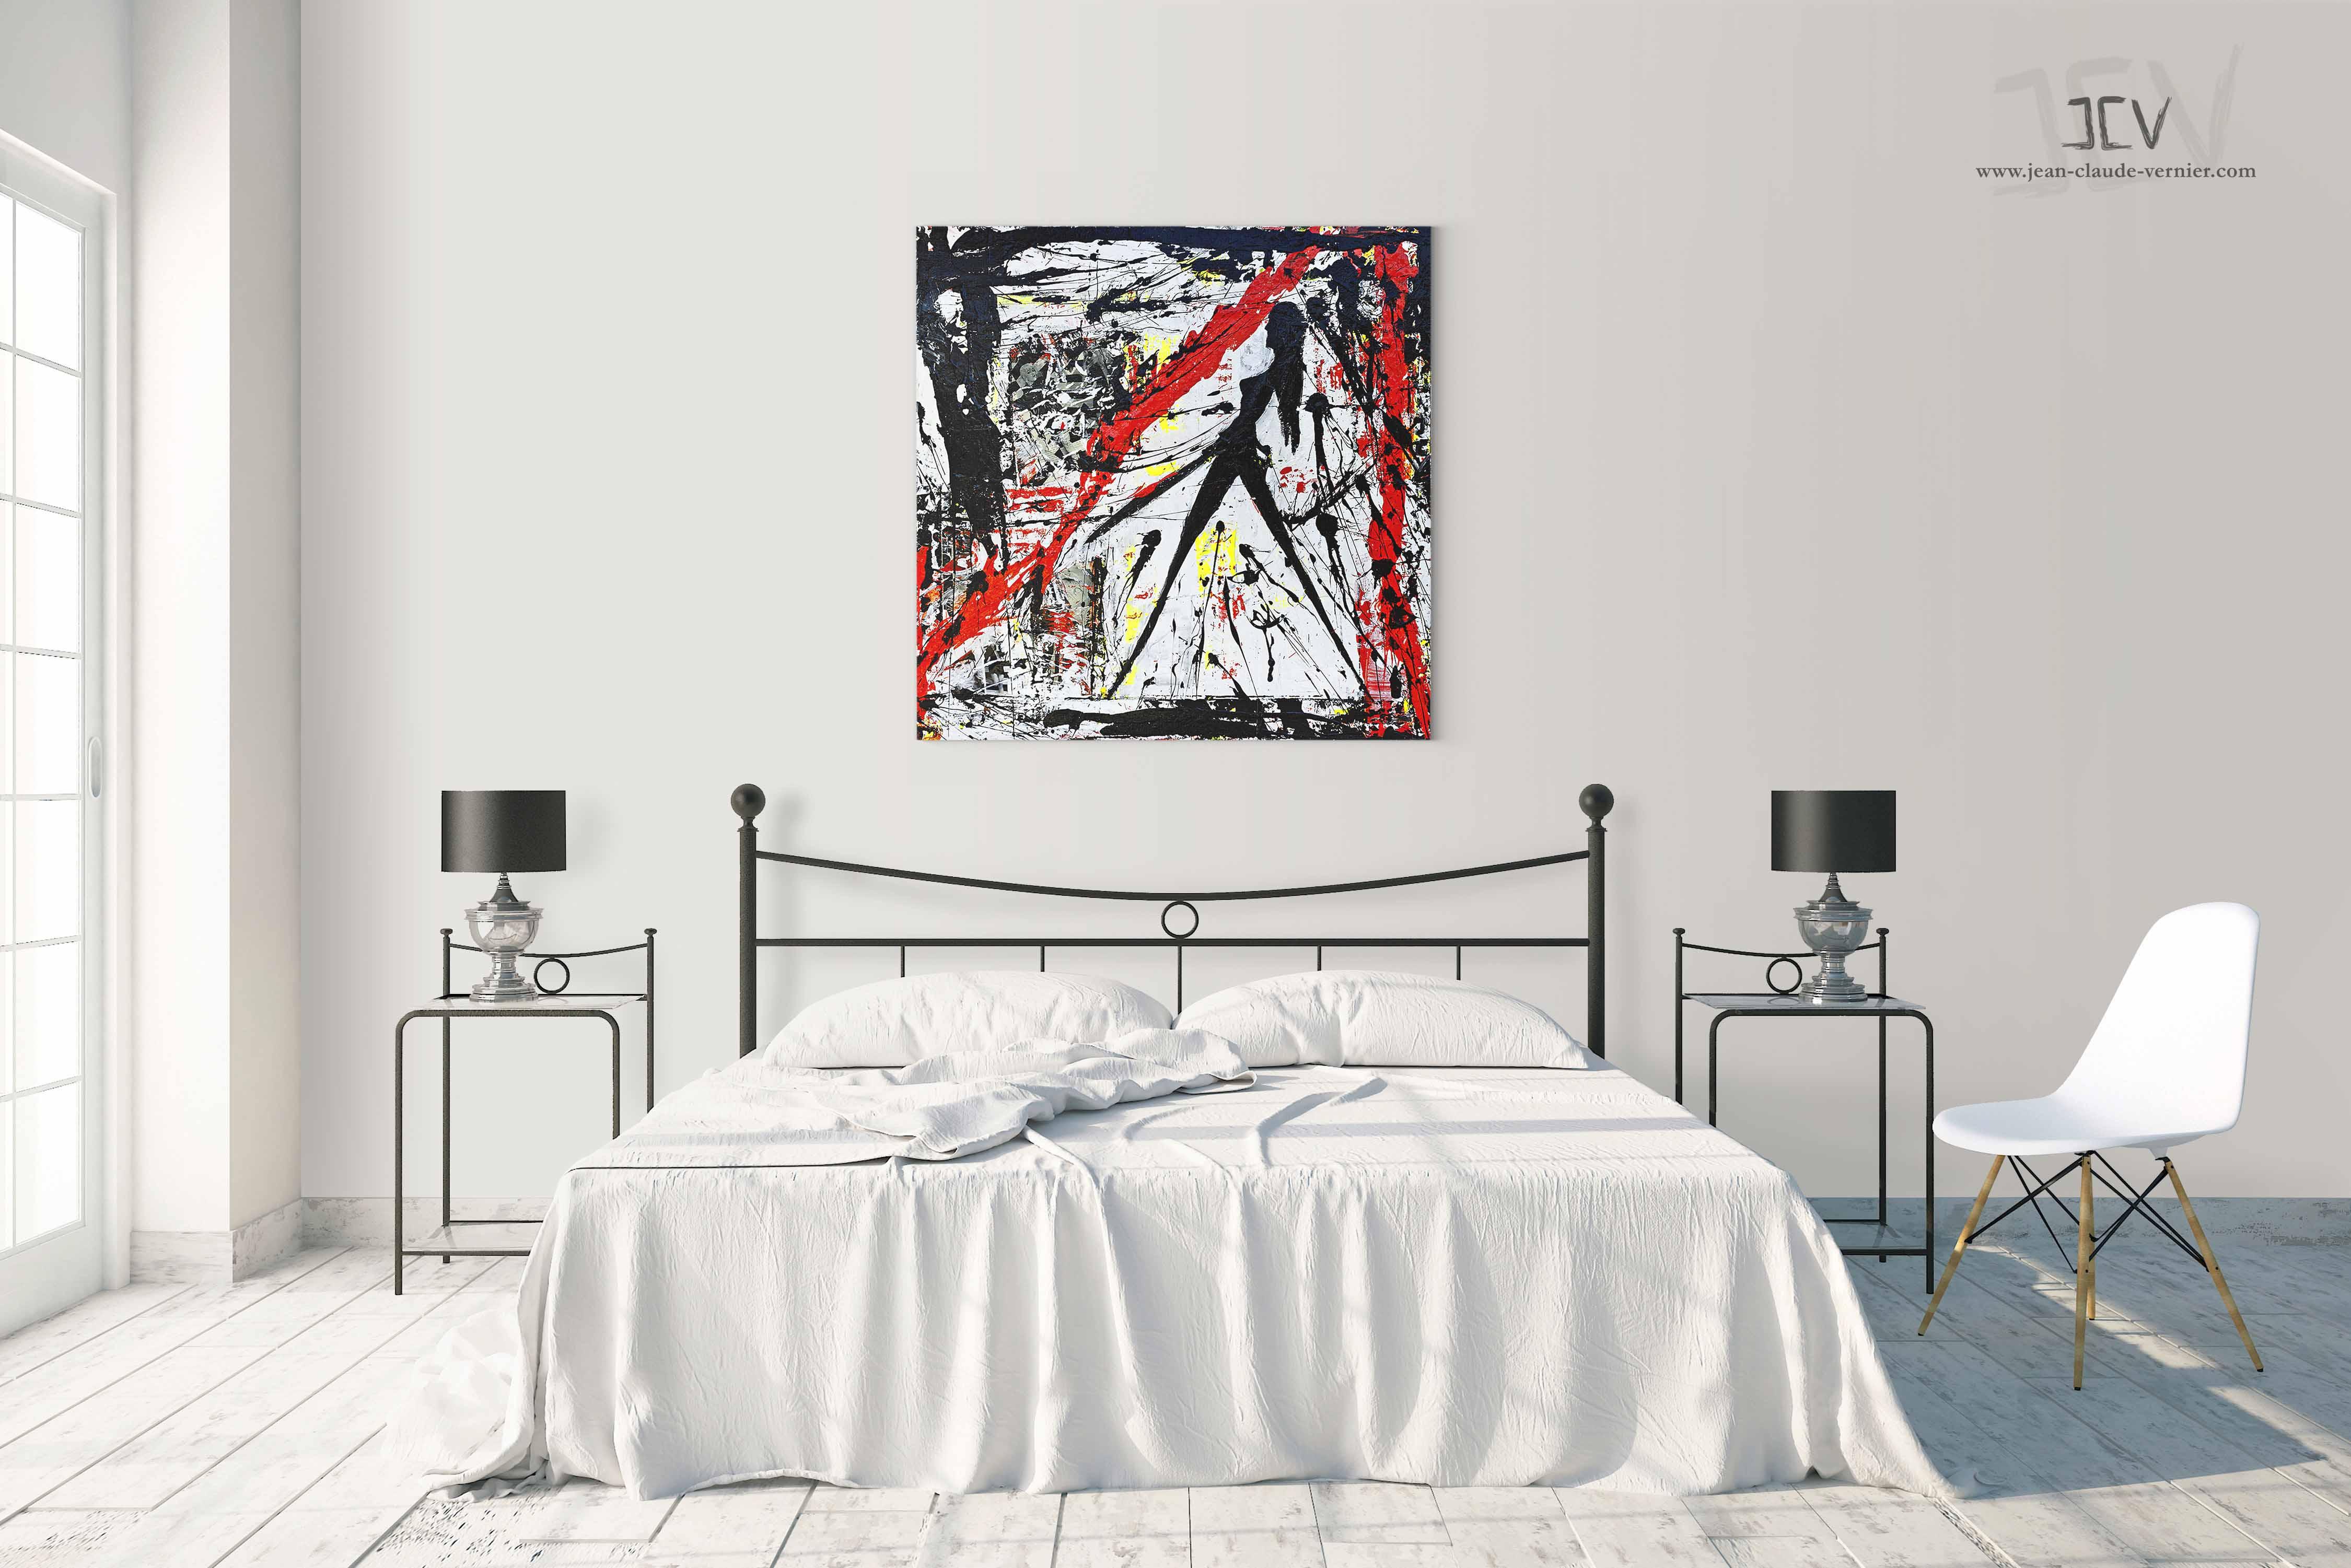 Tableau et peinture abstrait en vente sur jean-claude-vernier.com